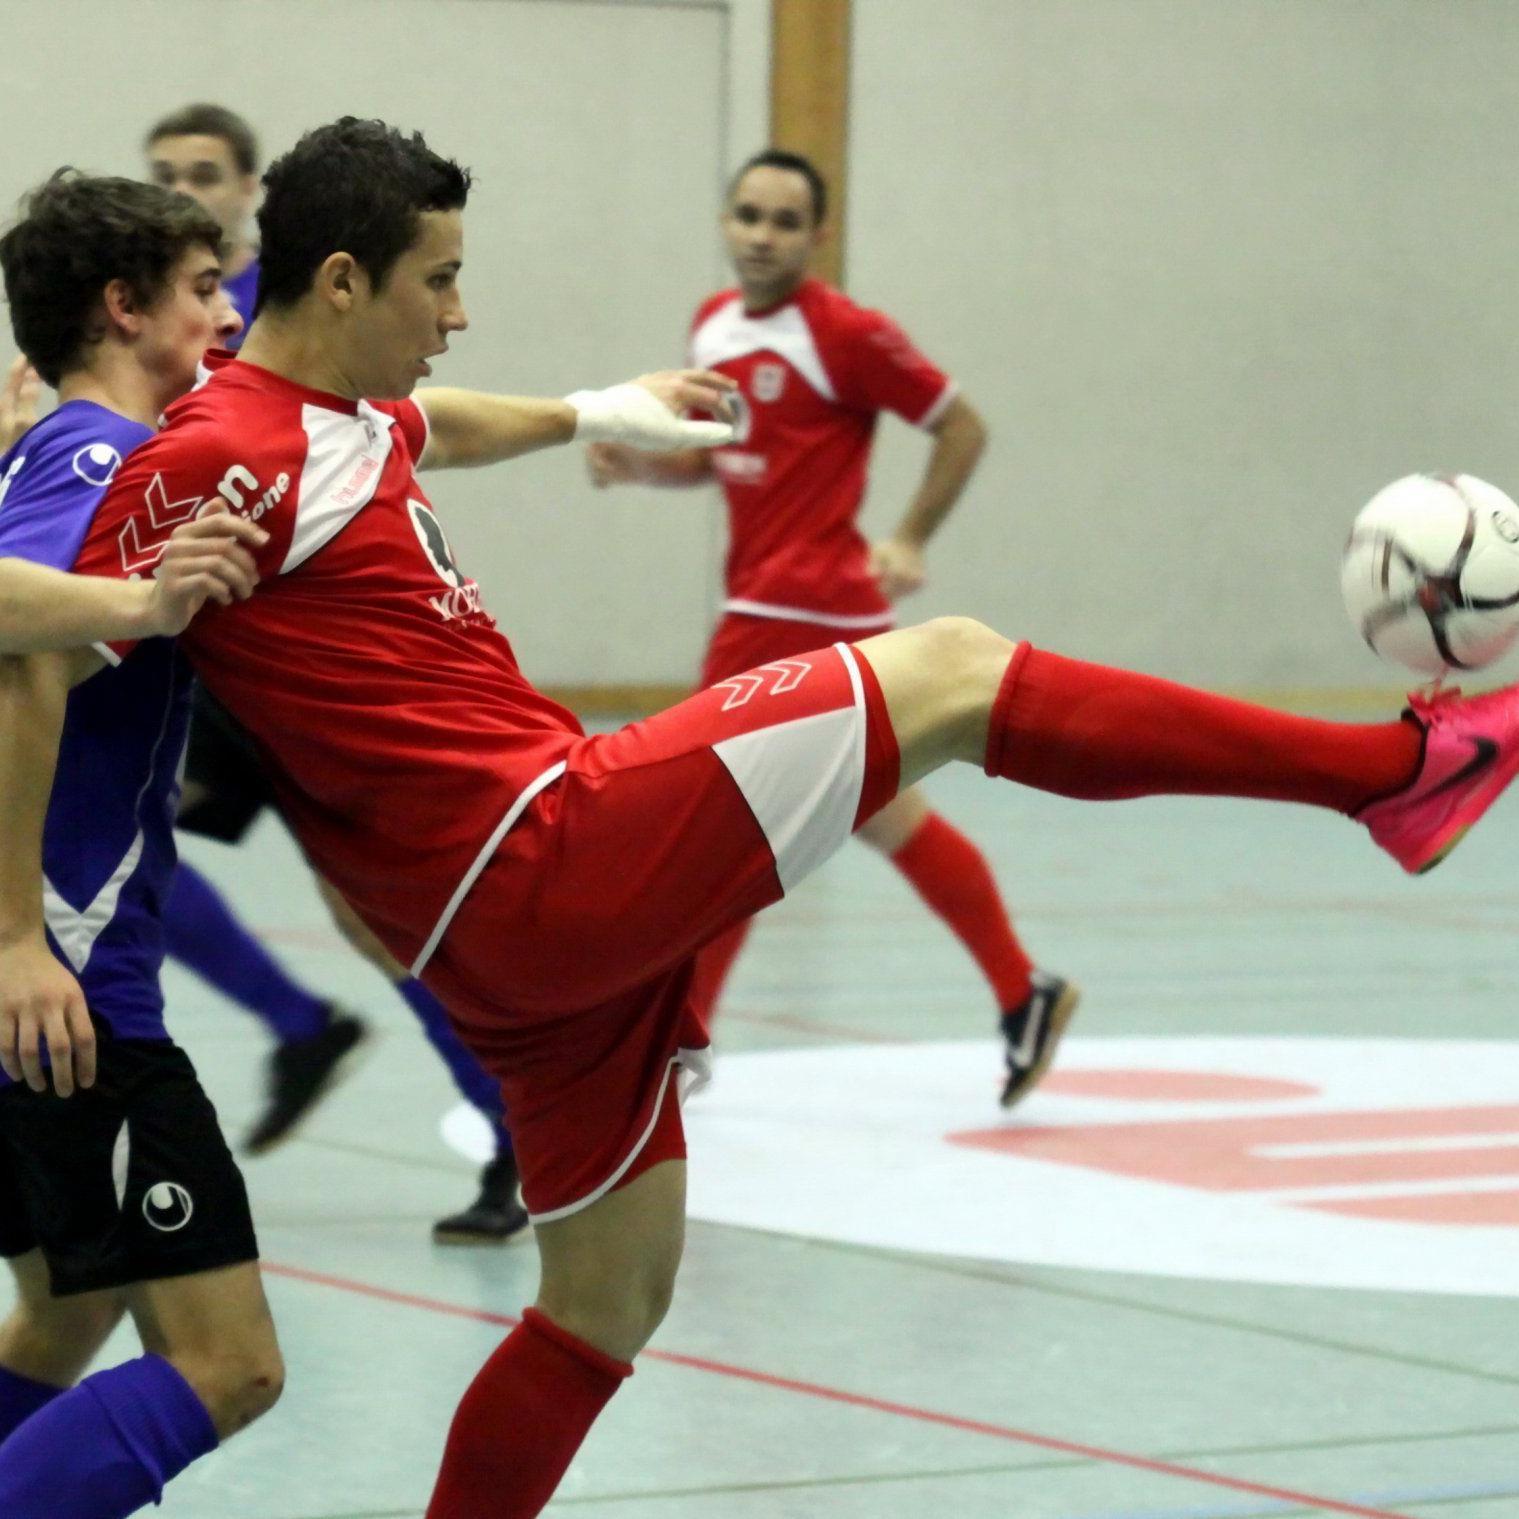 Knapp tausend Euro an Preisgeld für Masterssieger FC Dornbirn.